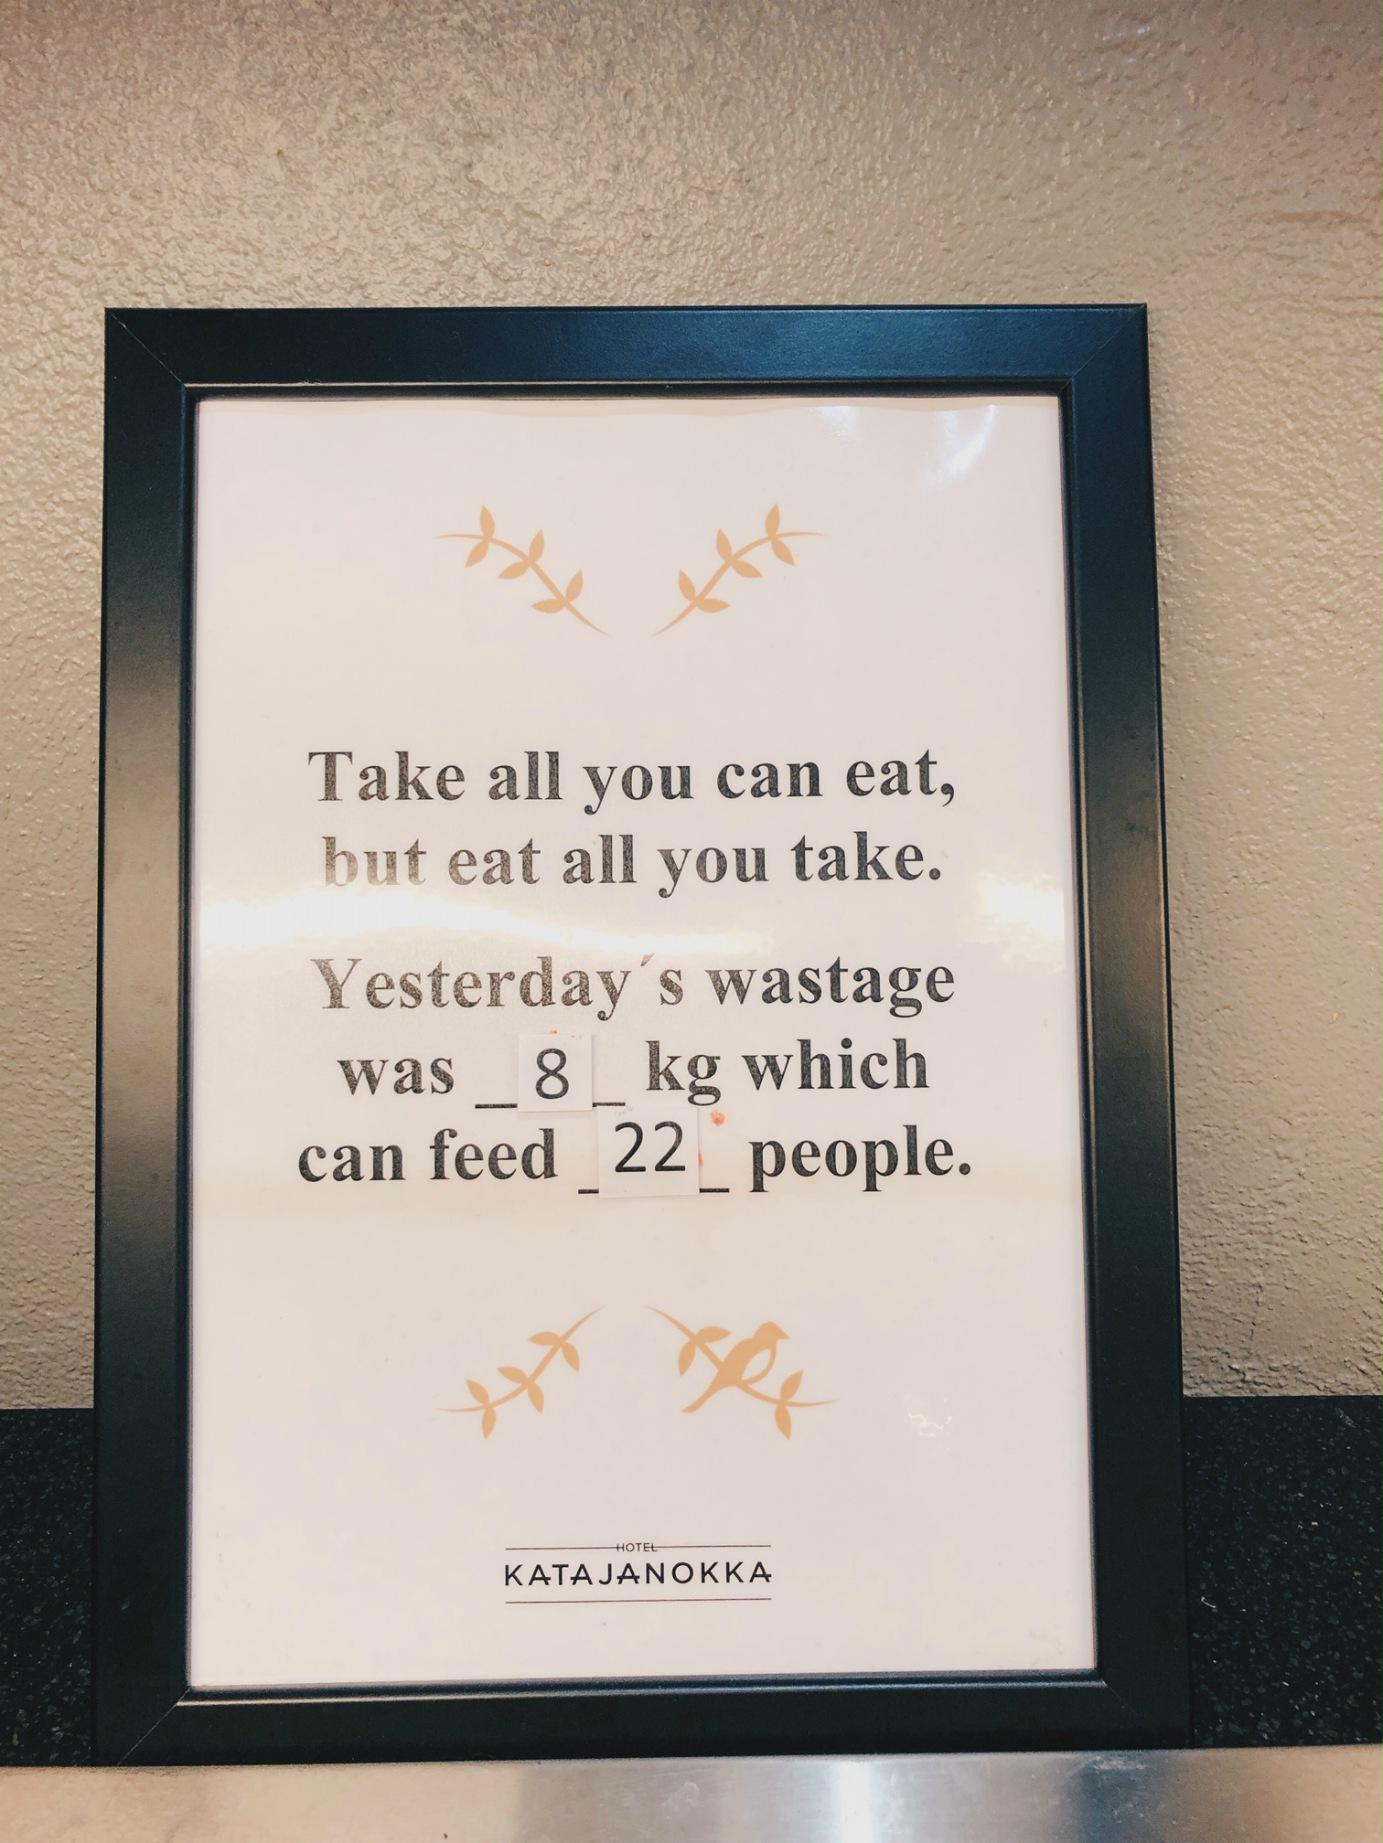 Jätskiä ja muutakin lautaselle kerätessä, on hyvä muistaa myös tämä! Mielestäni tällainen taulu on hieno idea, saimme nimittäin tästä keskustelua aikaan myös lasten kanssa.